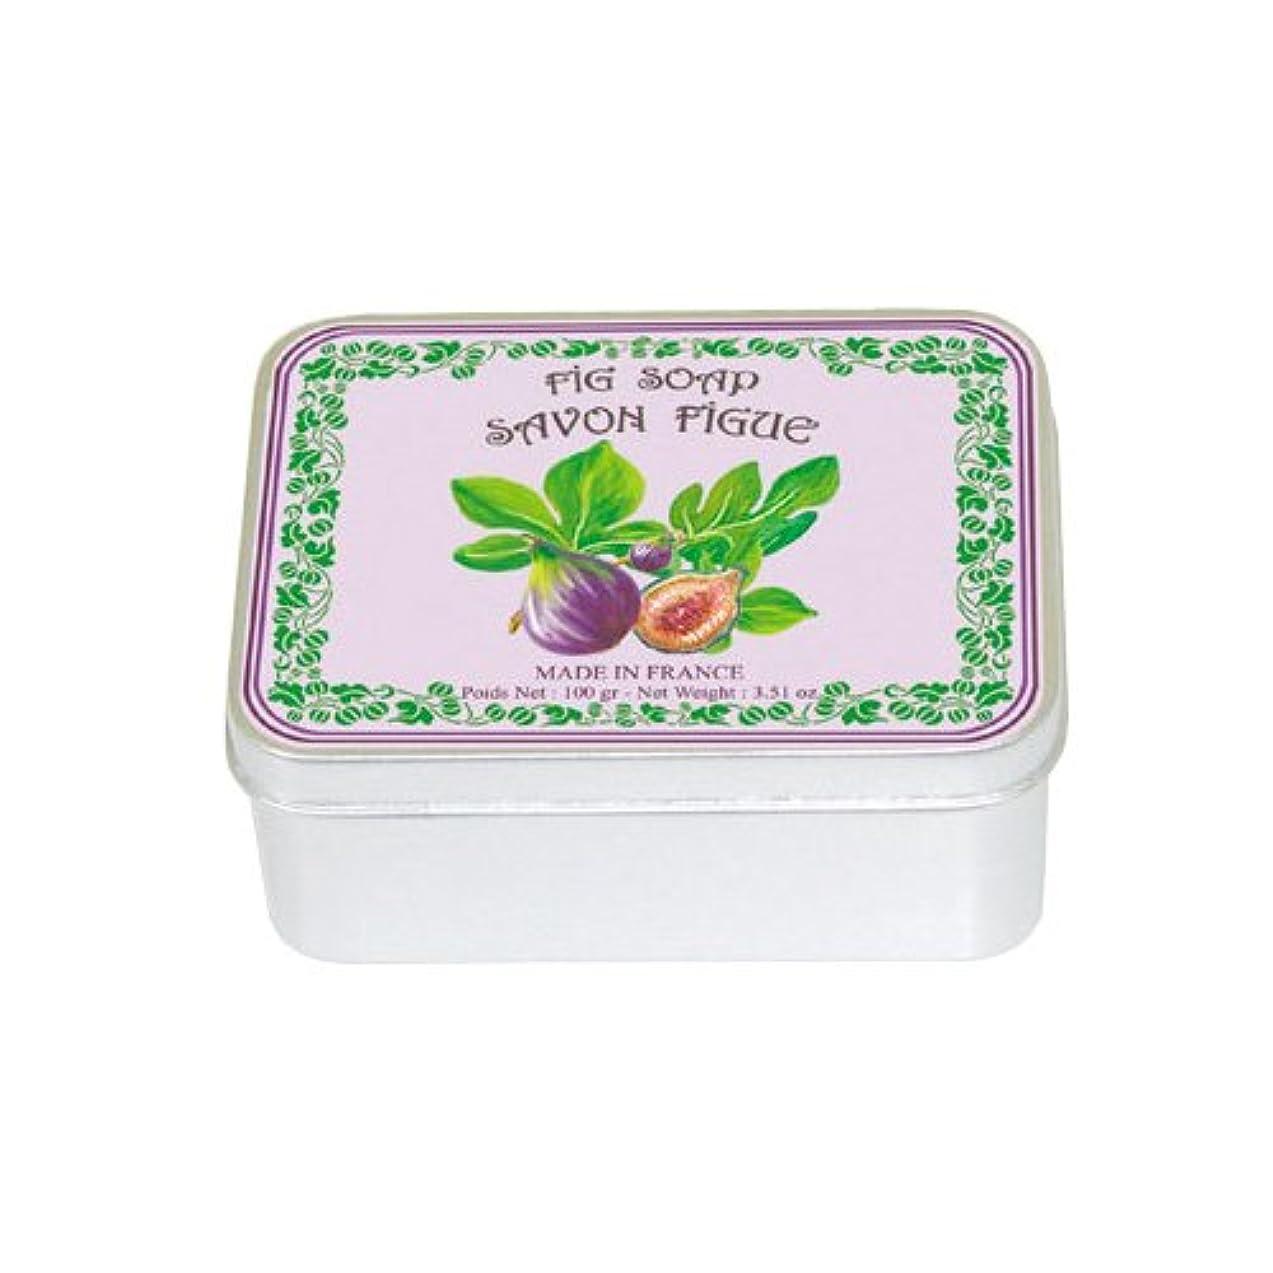 膨らませる厚くする暖かくルブランソープ メタルボックス(イチジクの香り)石鹸